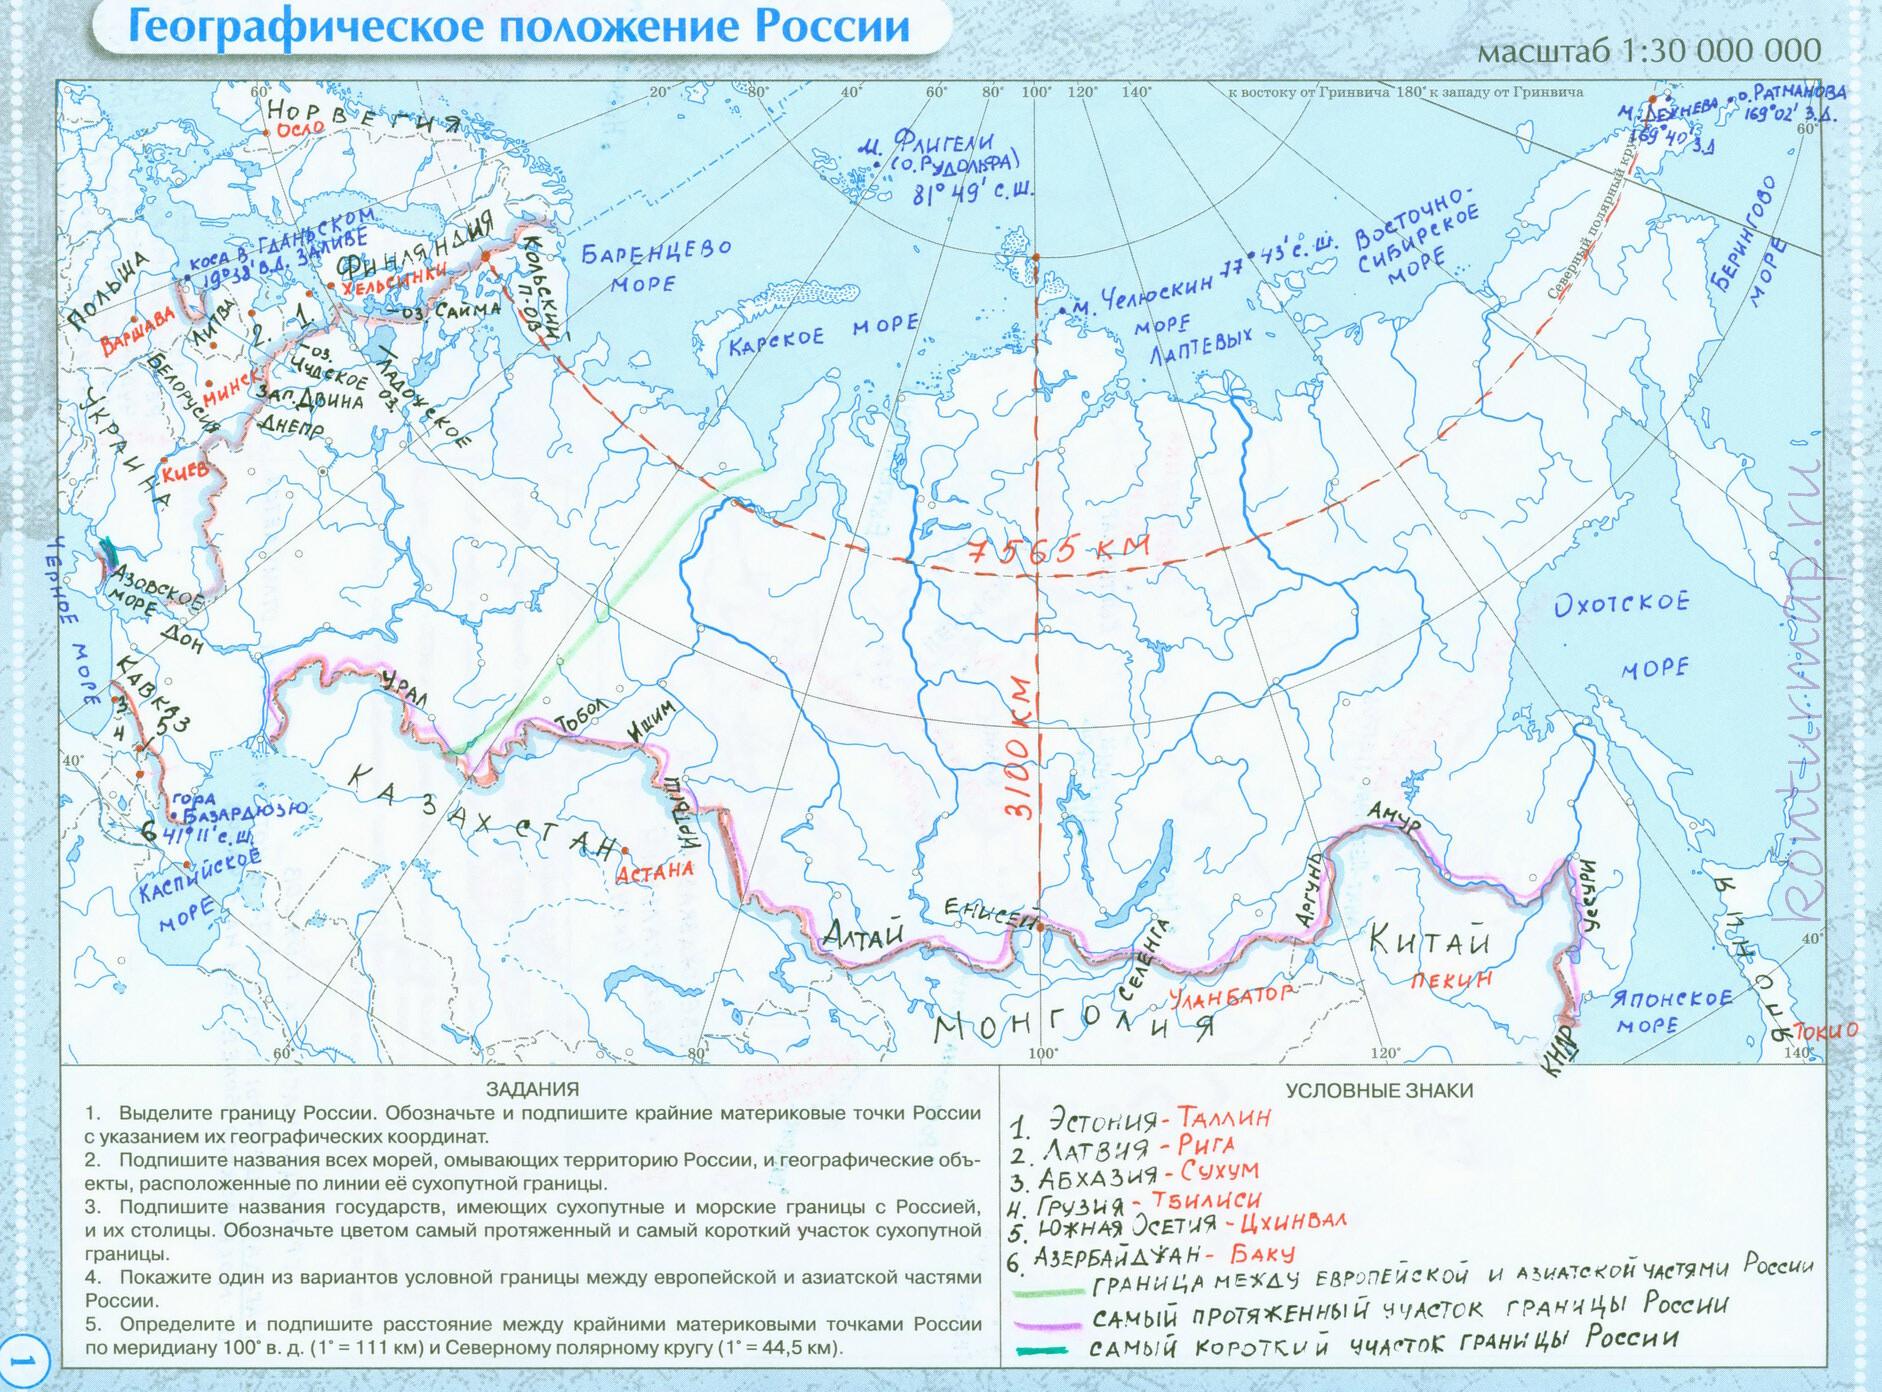 Гдз по контурной карте 8 класс география дрофа дик